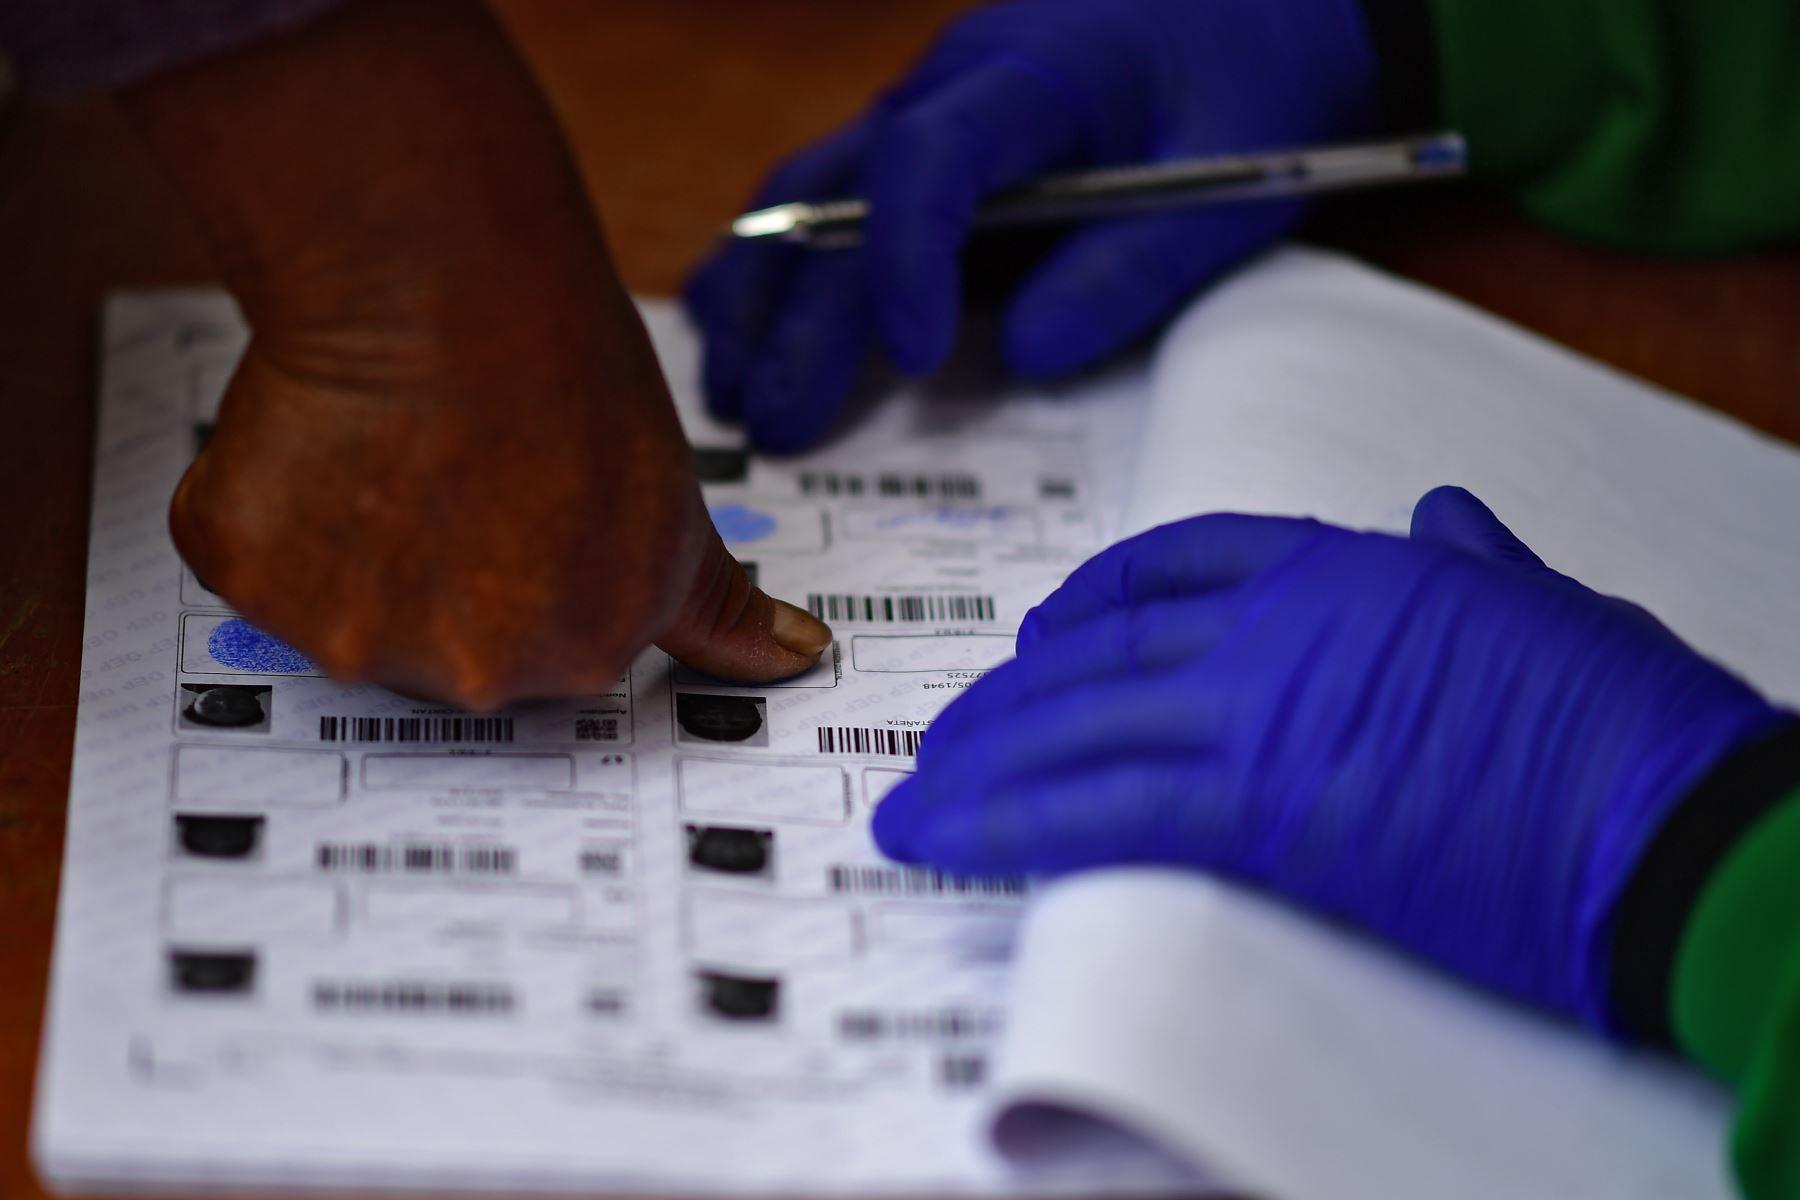 Una persona estampa su huella después de emitir su voto en un colegio electoral en Huarina, Bolivia, durante las elecciones generales en medio de la pandemia. Foto: AFP